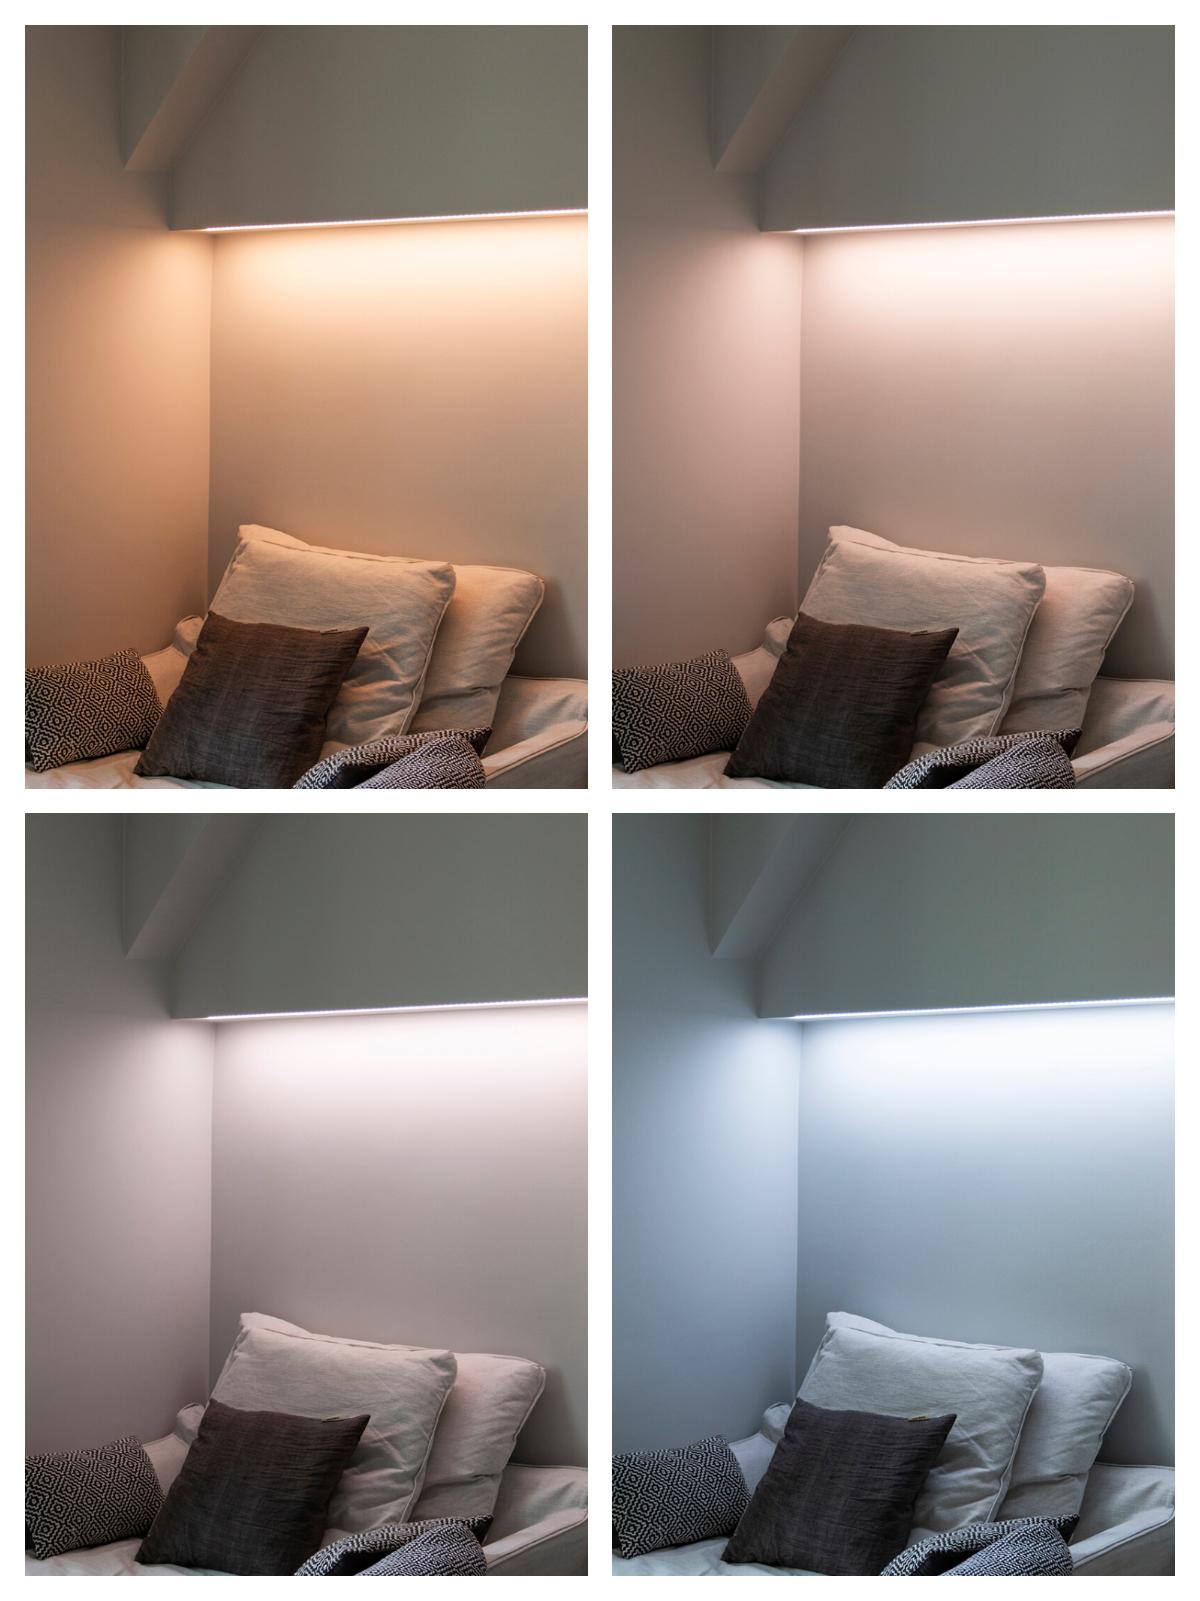 Kuva 3. Värilämpötilan vaihtelulla saadaan aikaan erilaisia tunnelmia. Kuvassa värilämpötilasäädettävä CCT-led-nauha rakenteeseen upotetussa alumiiniprofiilissa.